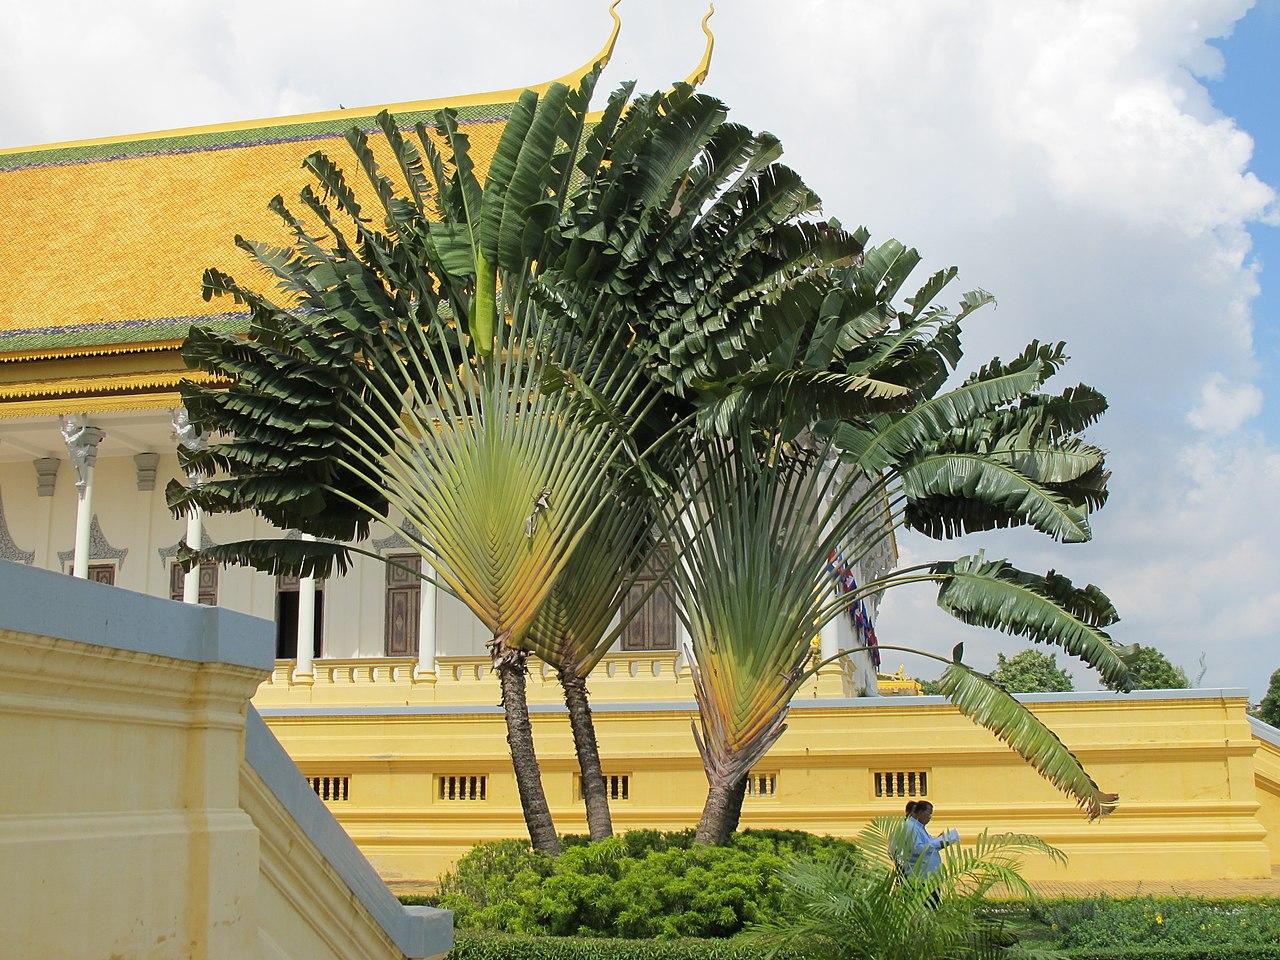 La palma de los viajeros es una planta con tronco fino